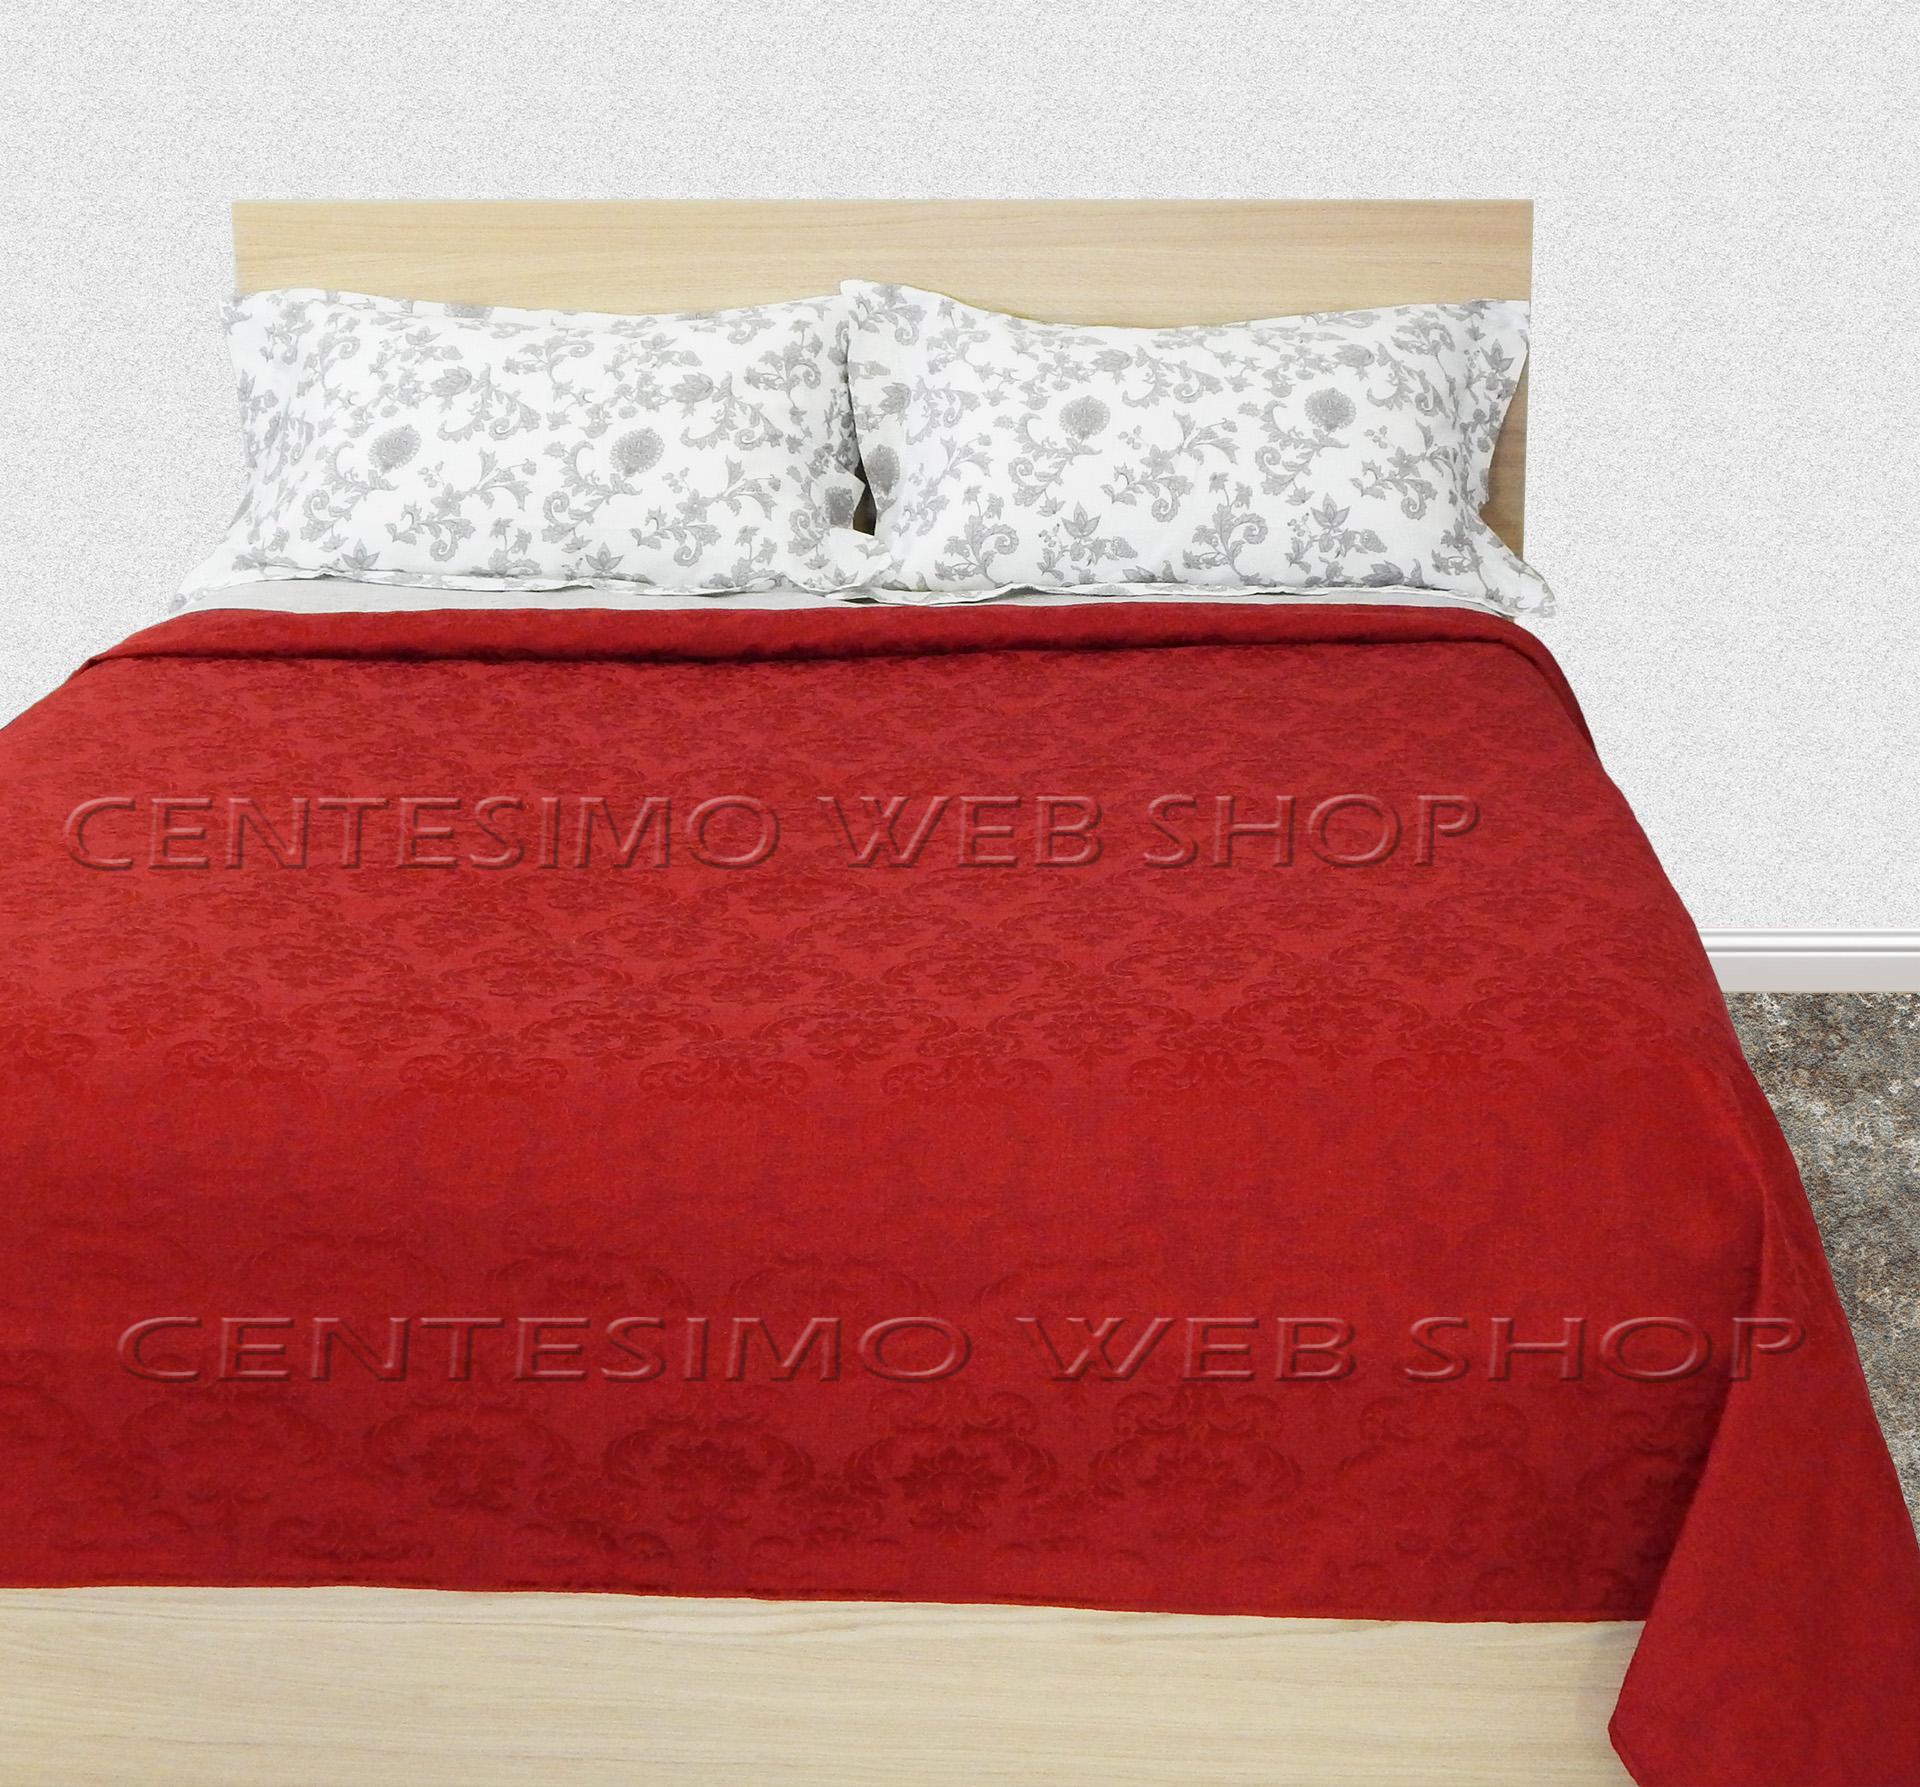 Copriletto matrimoniale maxi made italy 270x300 damascato rosso due piazze 54270 ebay - Copriletto matrimoniale rosso ...